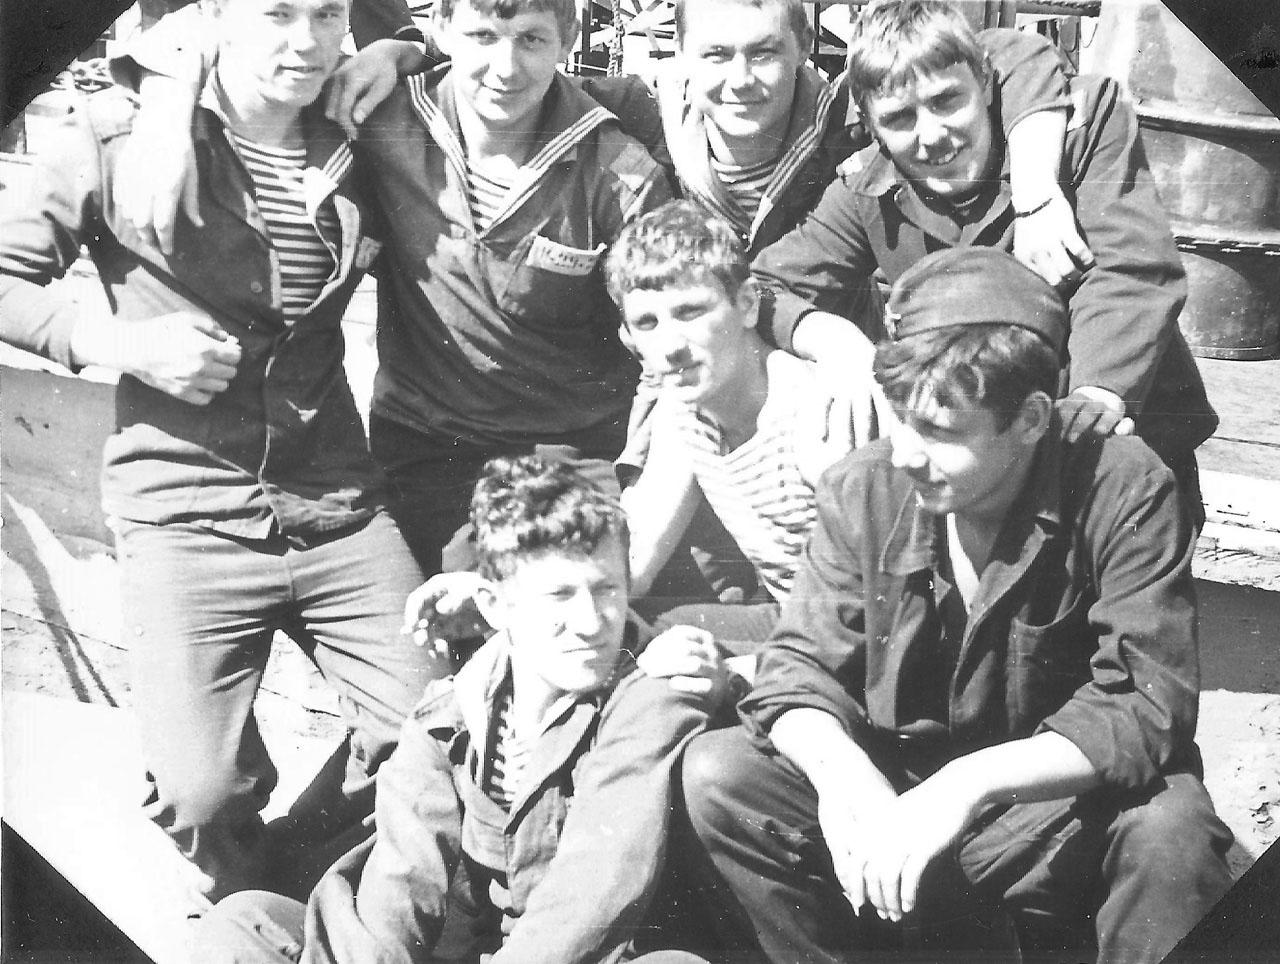 Экипаж С-221. На плавдоке возле корабля в заводе в Совгавани после боевой службы. Лето 1982 года.